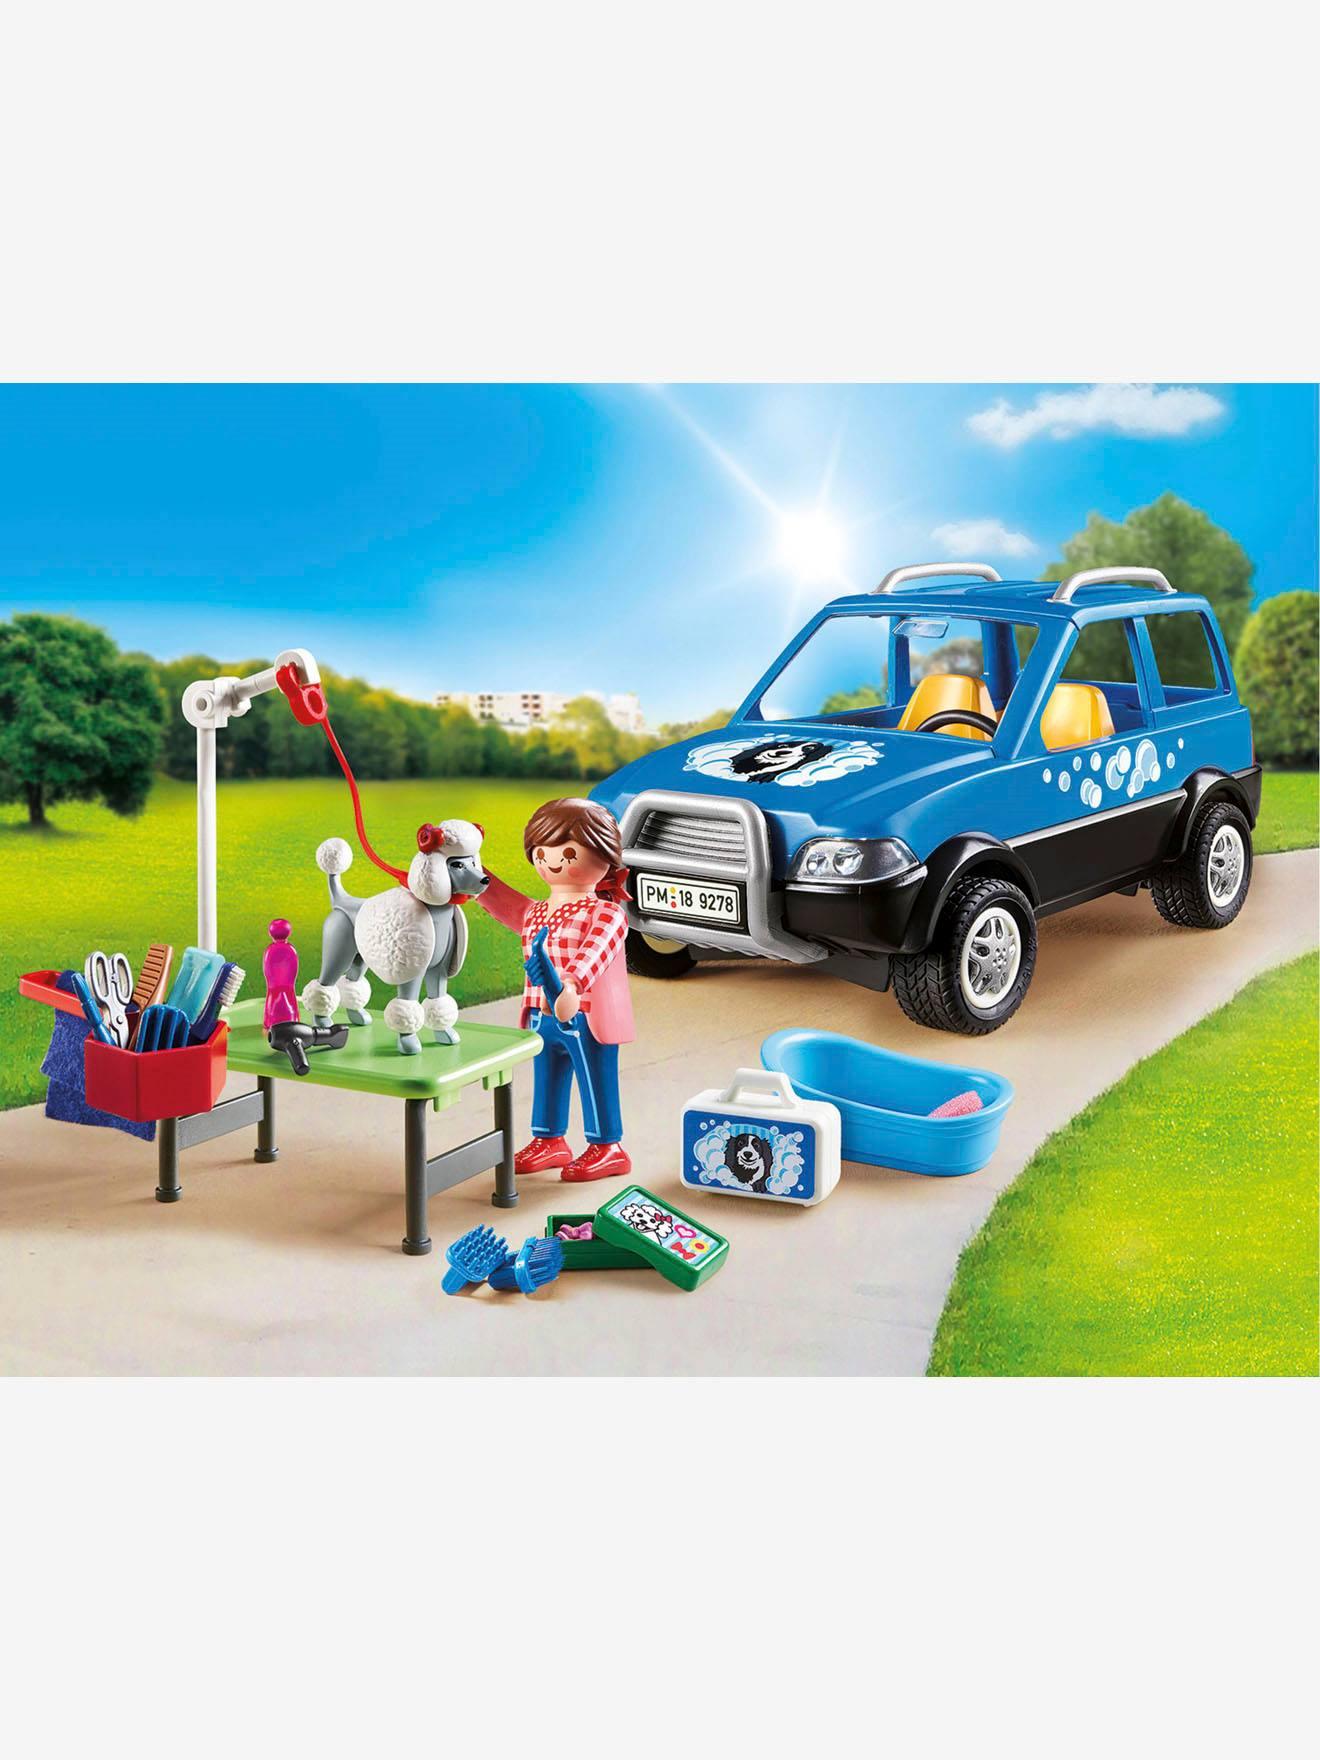 Toiletteuse Playmobil 9278 Bleu Véhicule Avec UzGSMqVp